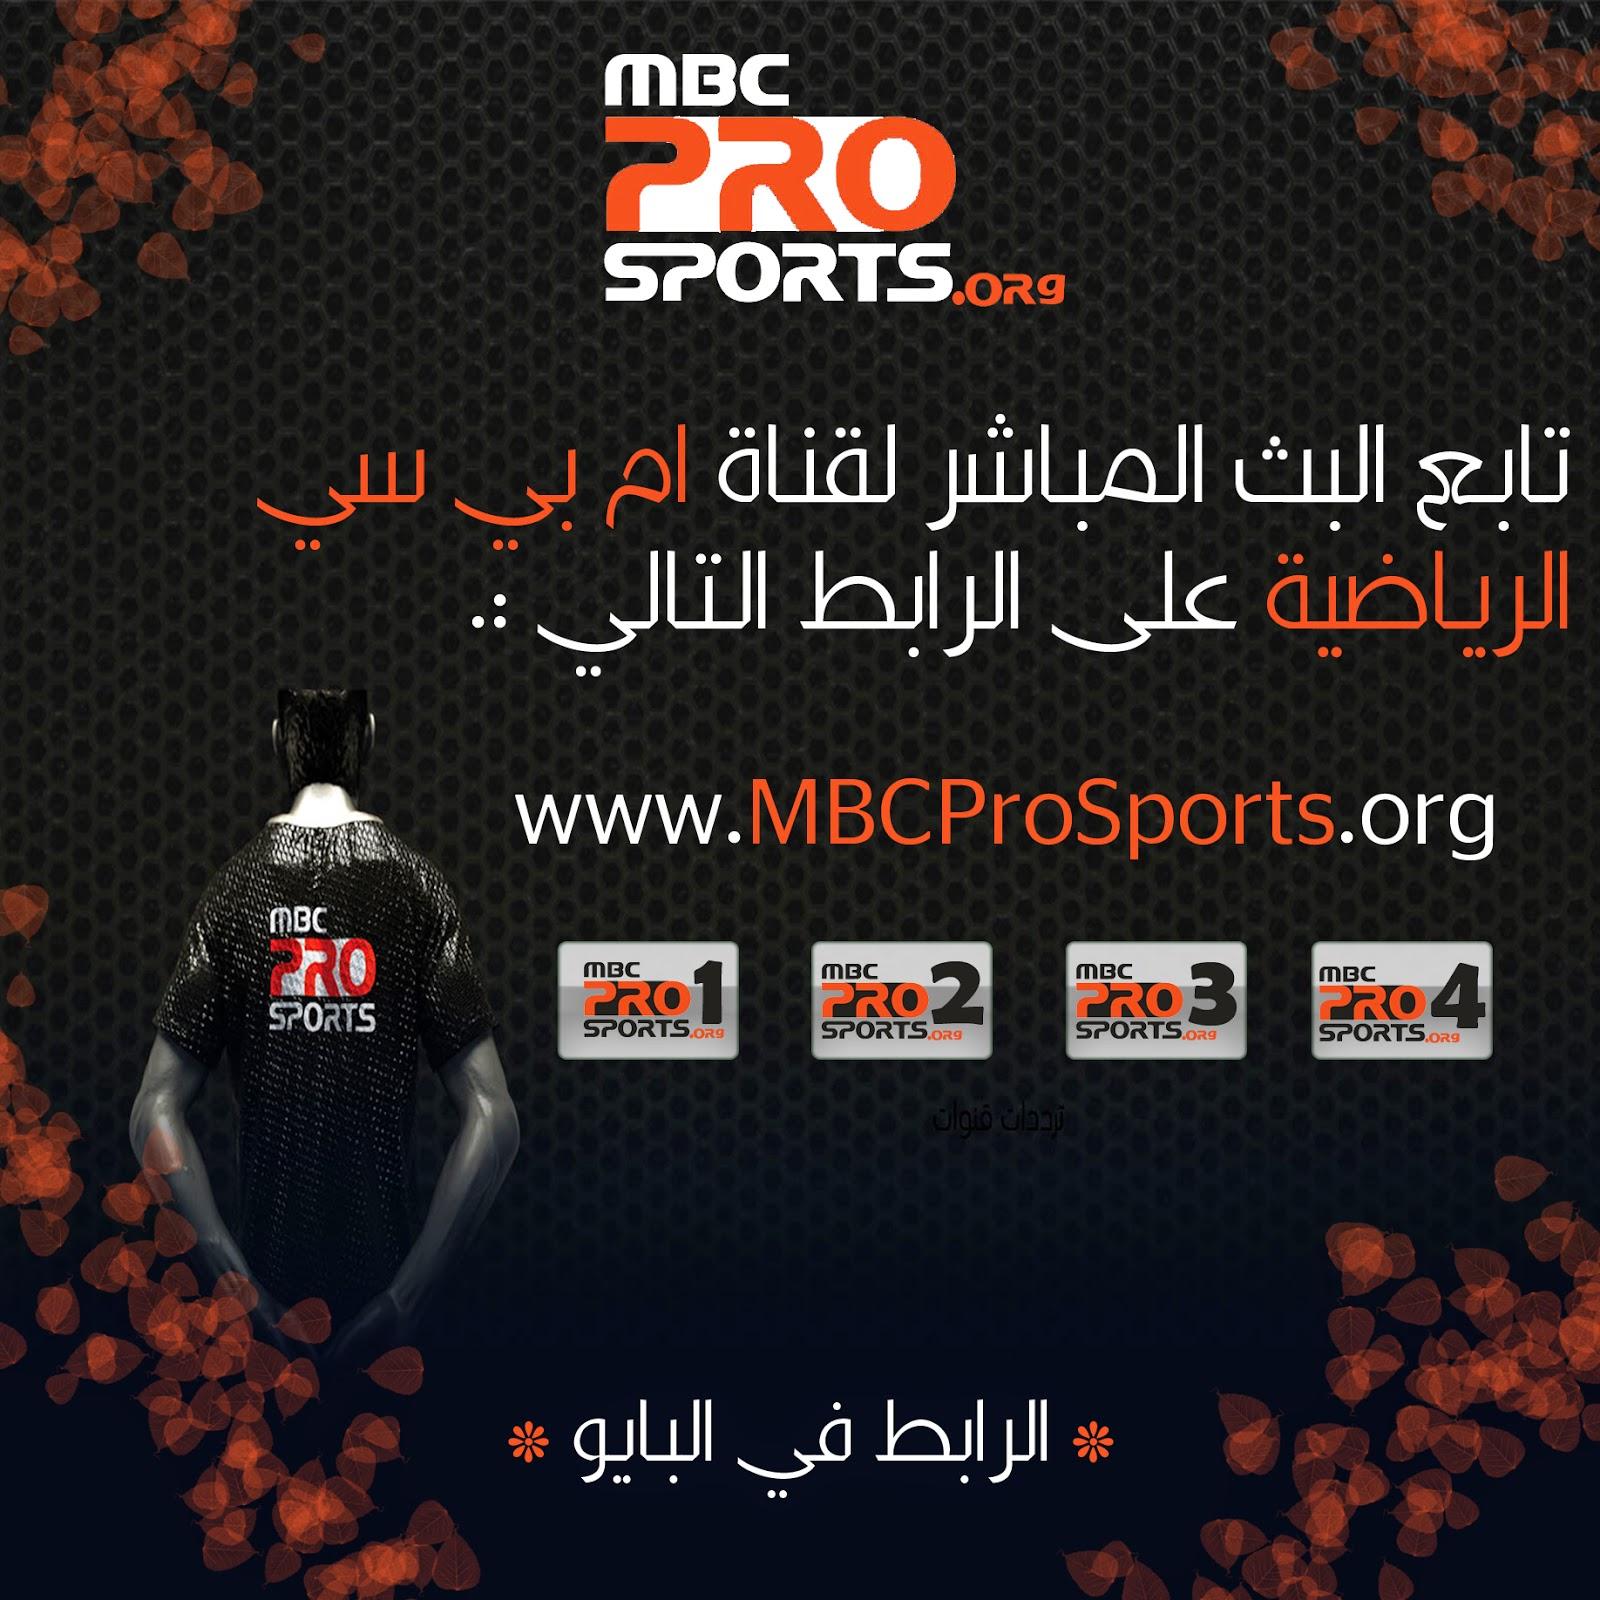 البث المباشر قناة ام بي سي برو سوبرت الرياضية + ترددات القناة